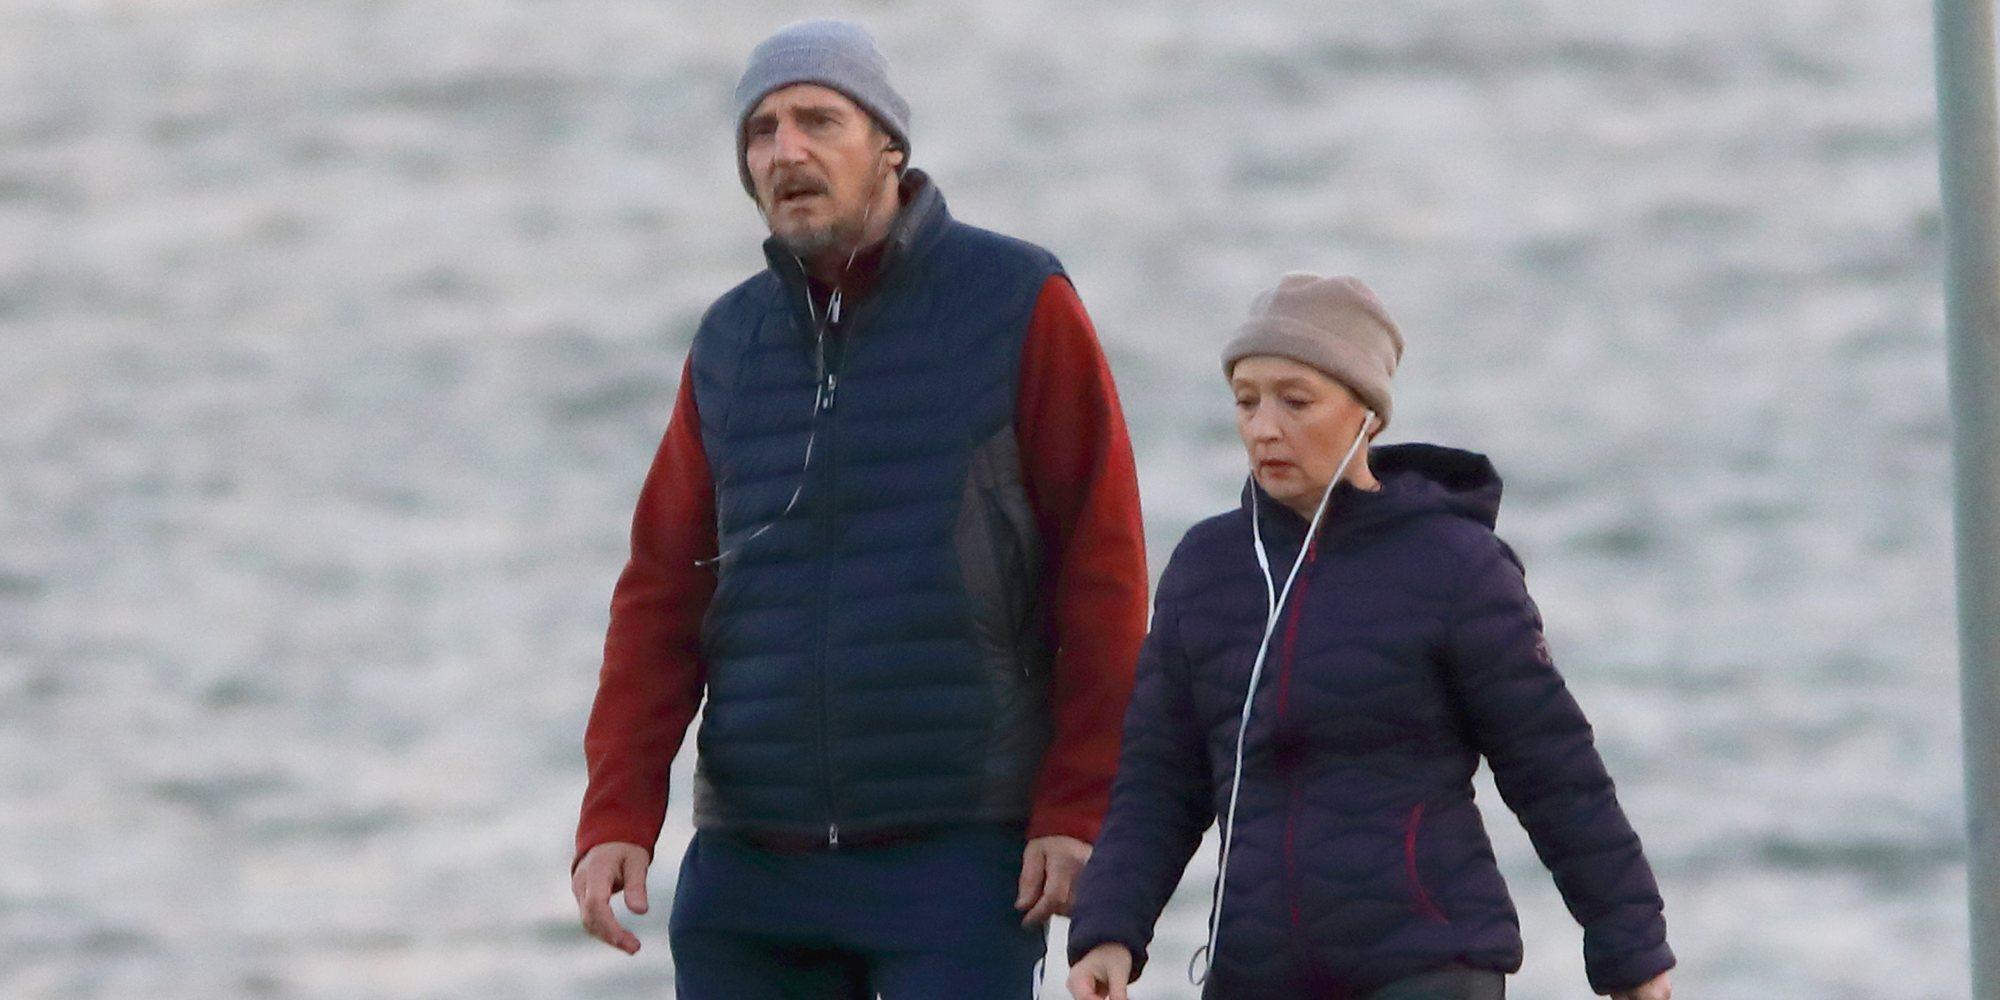 Primera imágenes de Liam Neeson y Lesley Manville en el rodaje de 'Gente Normal'